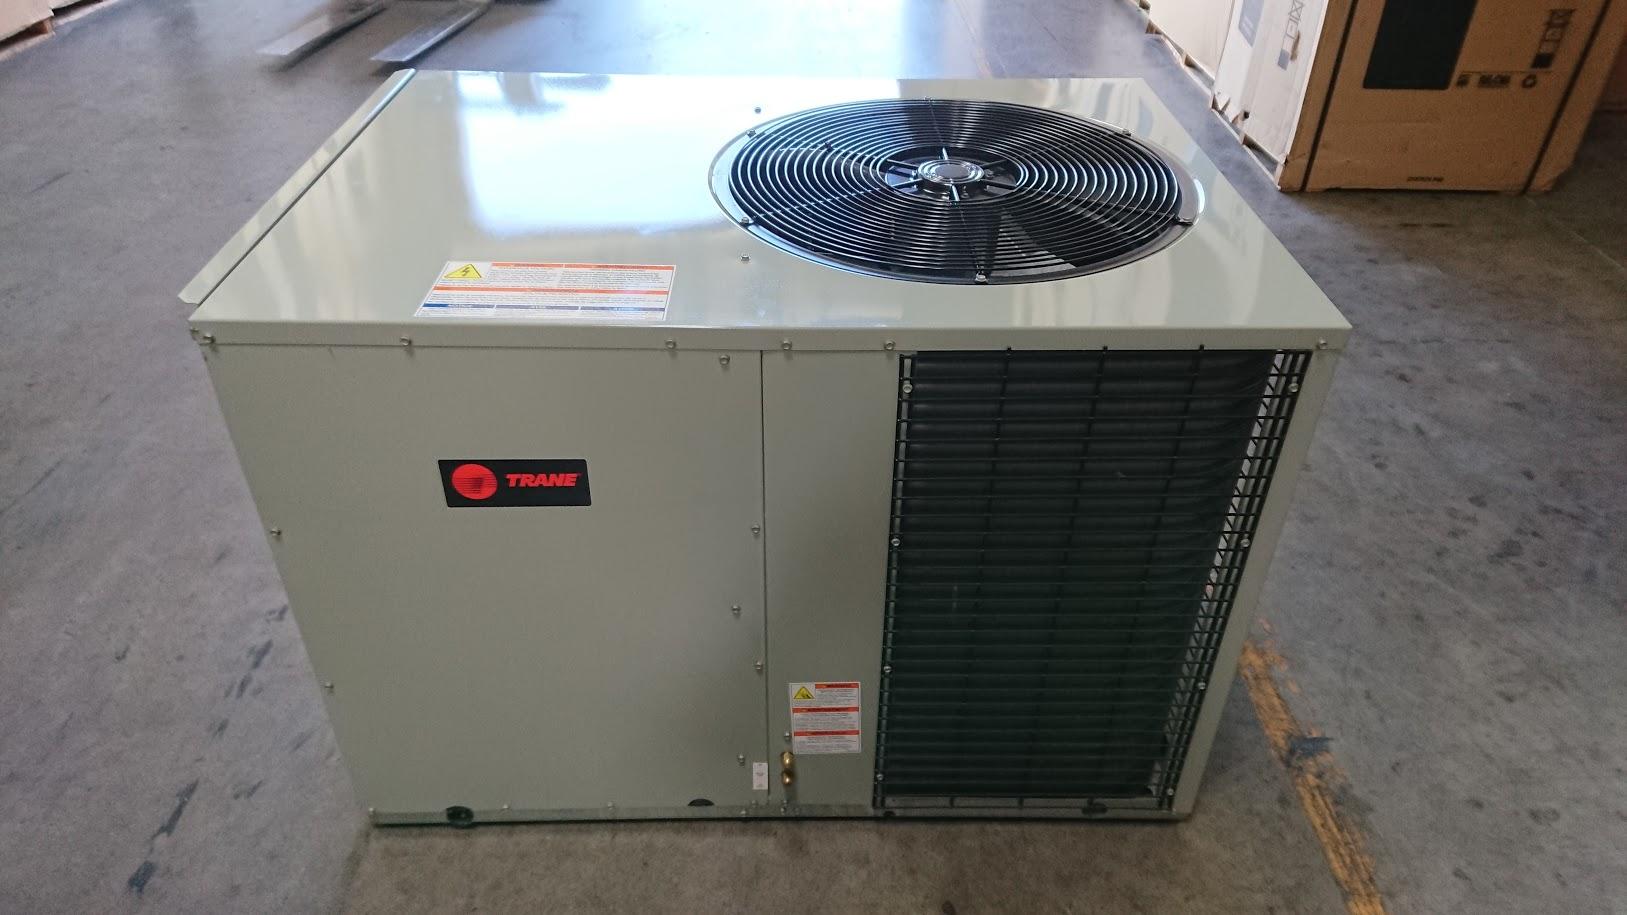 And Unit Heat Air D6n024 :